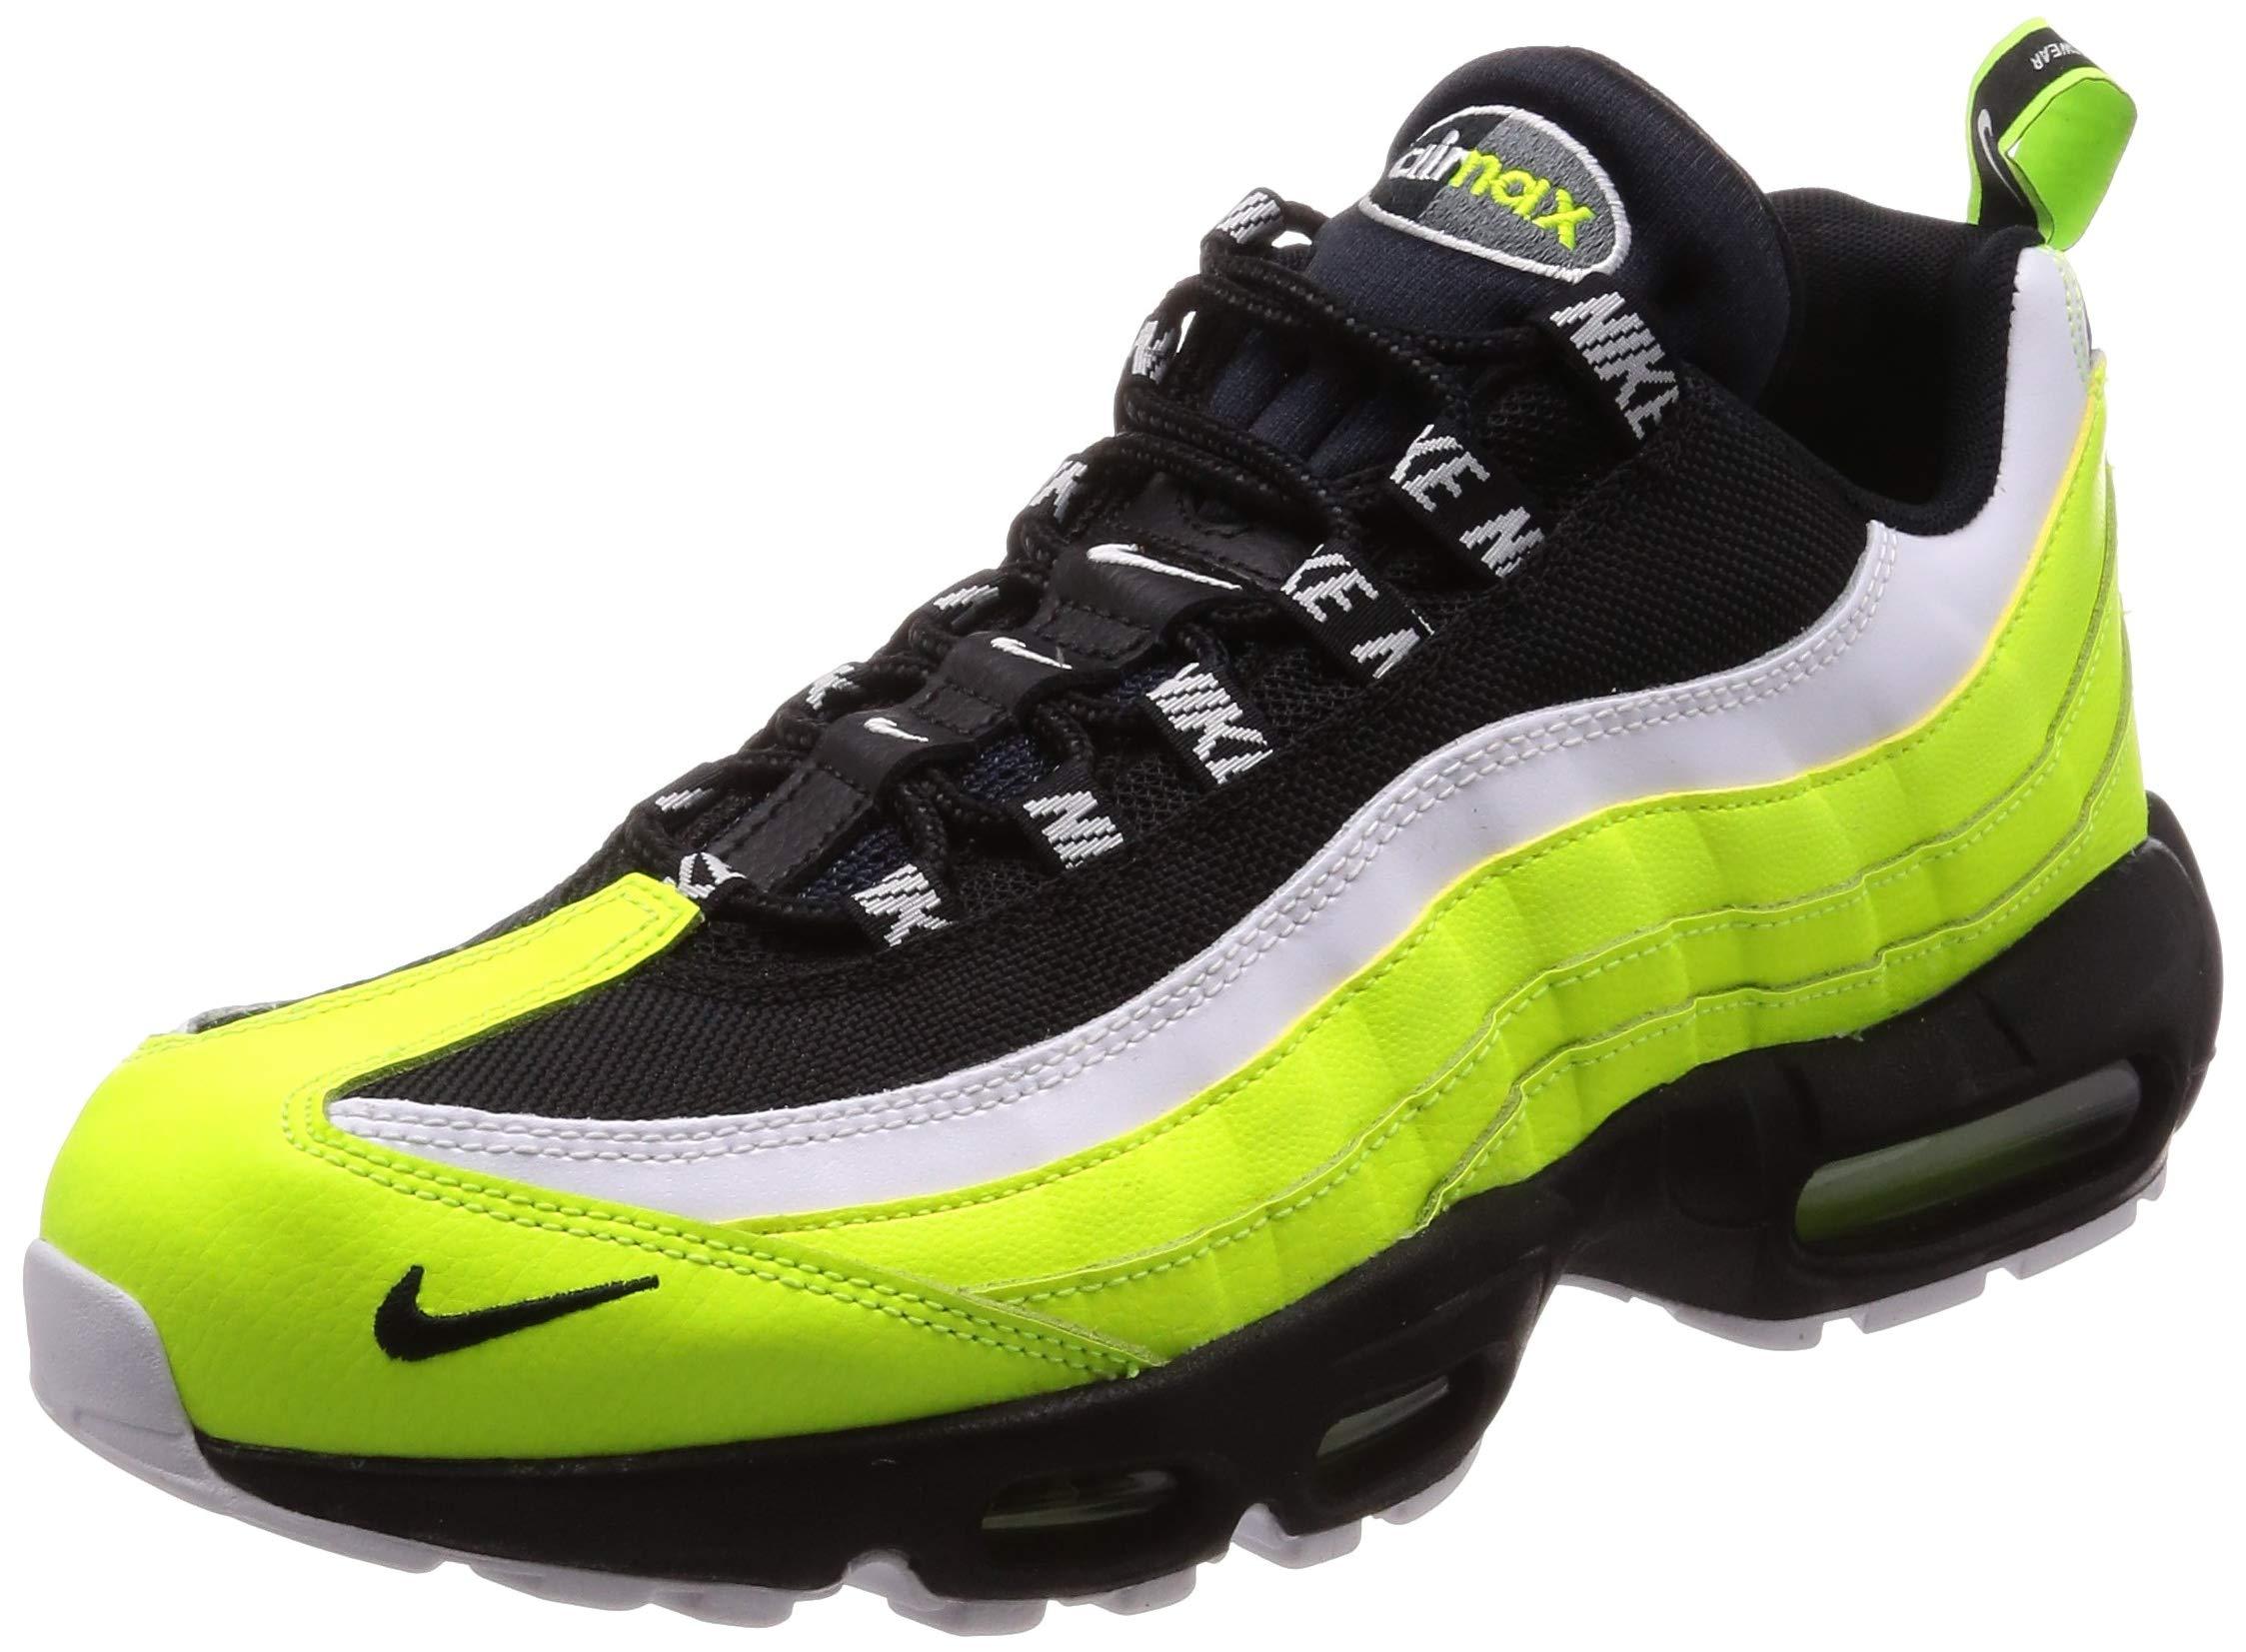 Nike Air Max 95 Premium Green Sneakers 538416 201